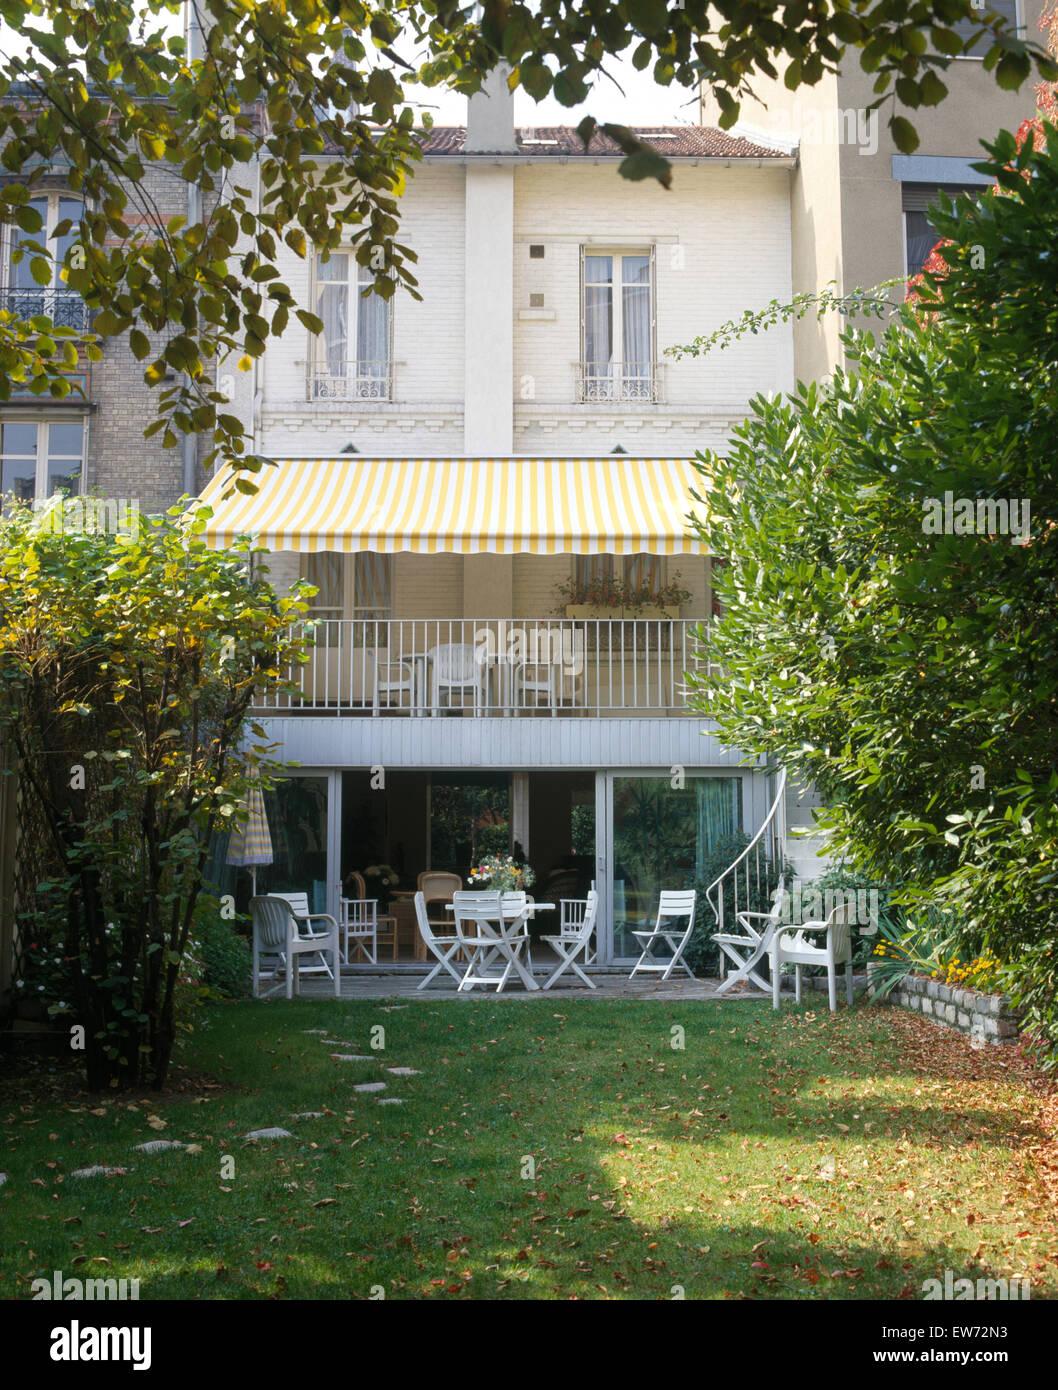 El Exterior Del Francés Elegante Casa Adosada Con Un Toldo